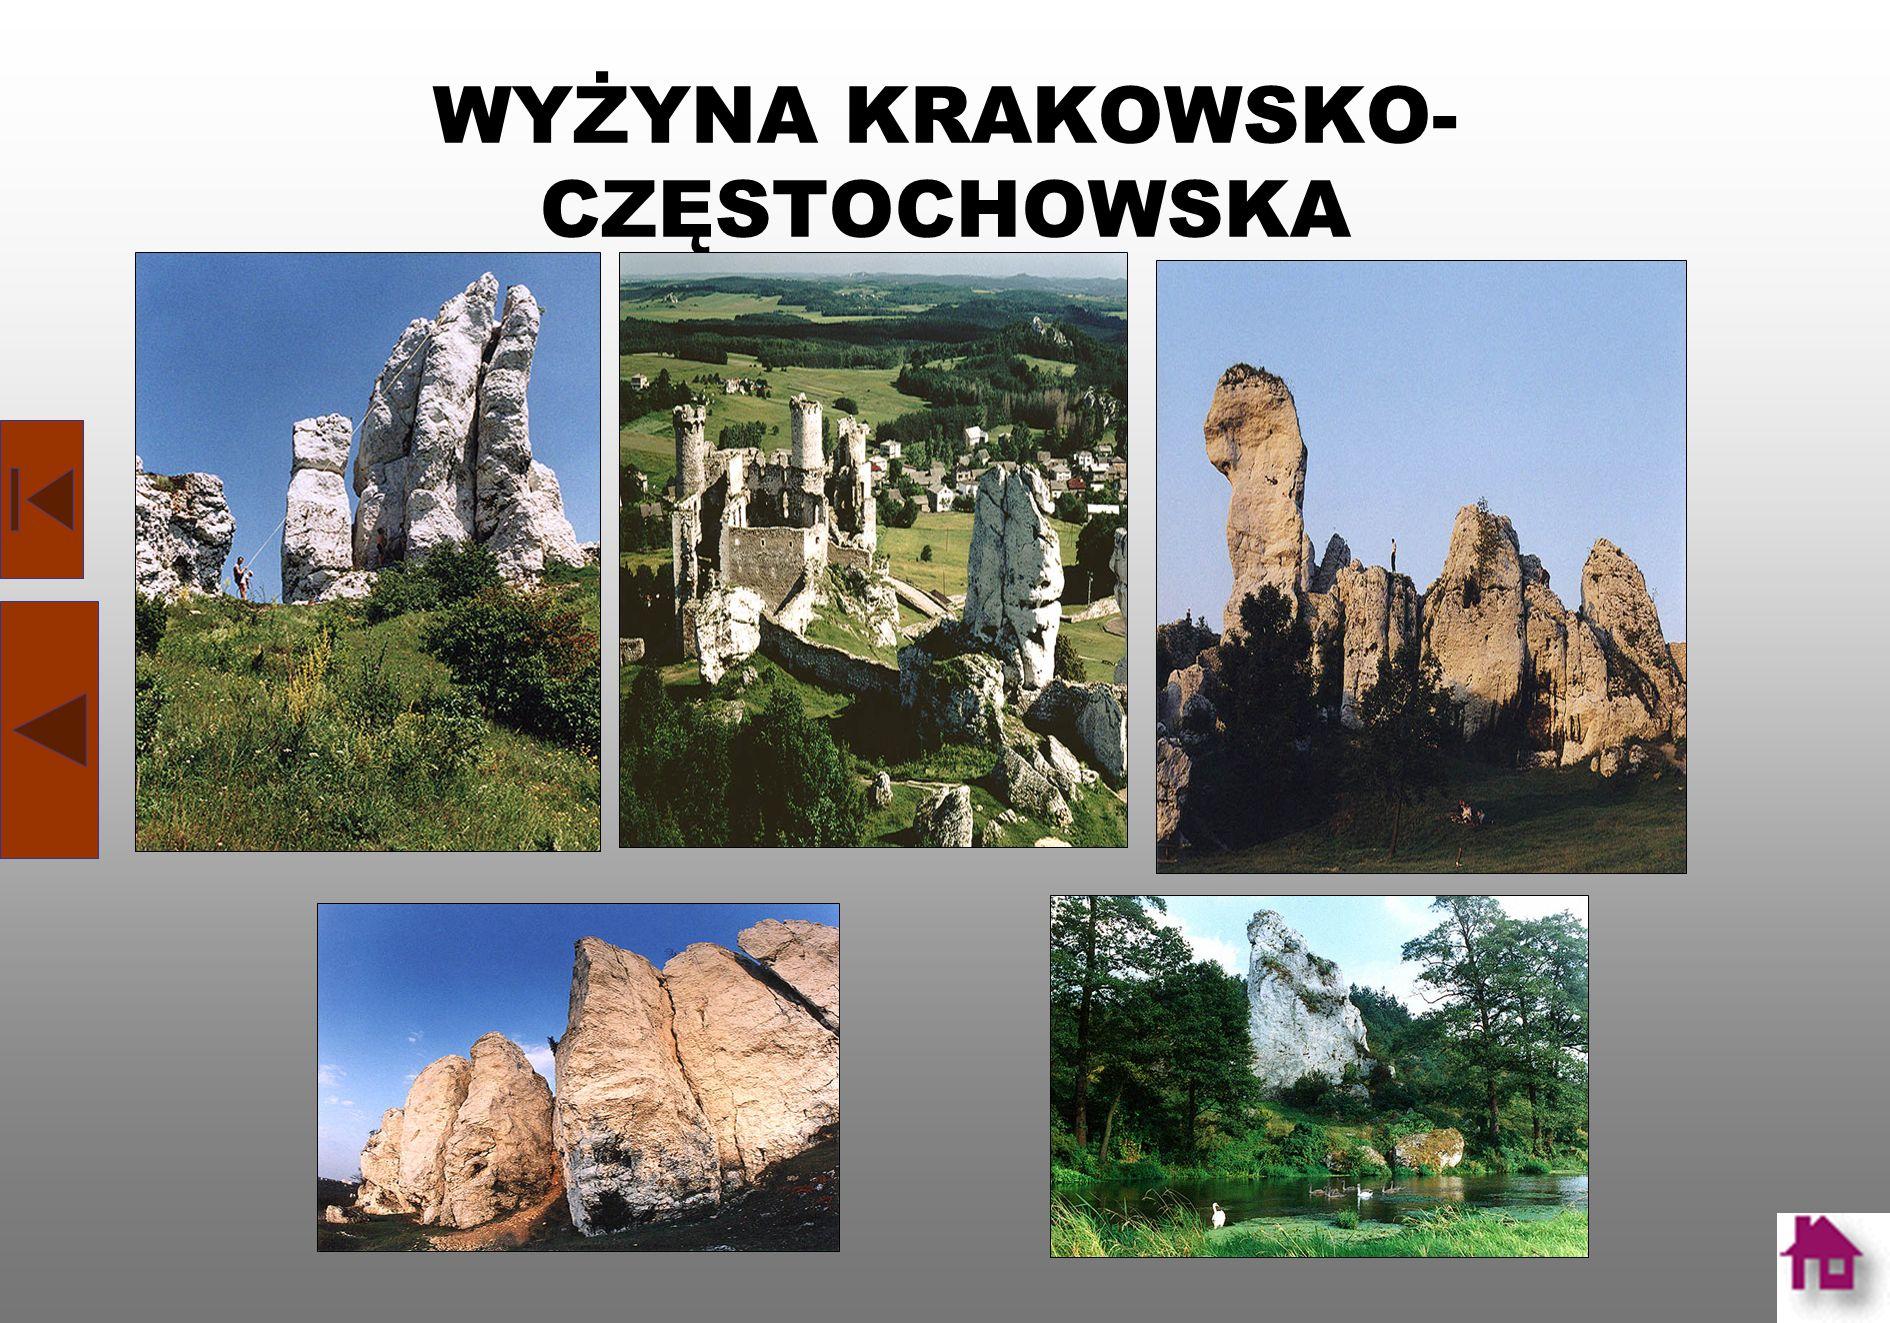 Plan Jasnej Góry: A - Brama Lubomirskich; B - Brama Matki Boskiej Królowej Polski; C - Brama Matki Boskiej Bolesnej; D - Brama wałowa (Brama Jagielloń